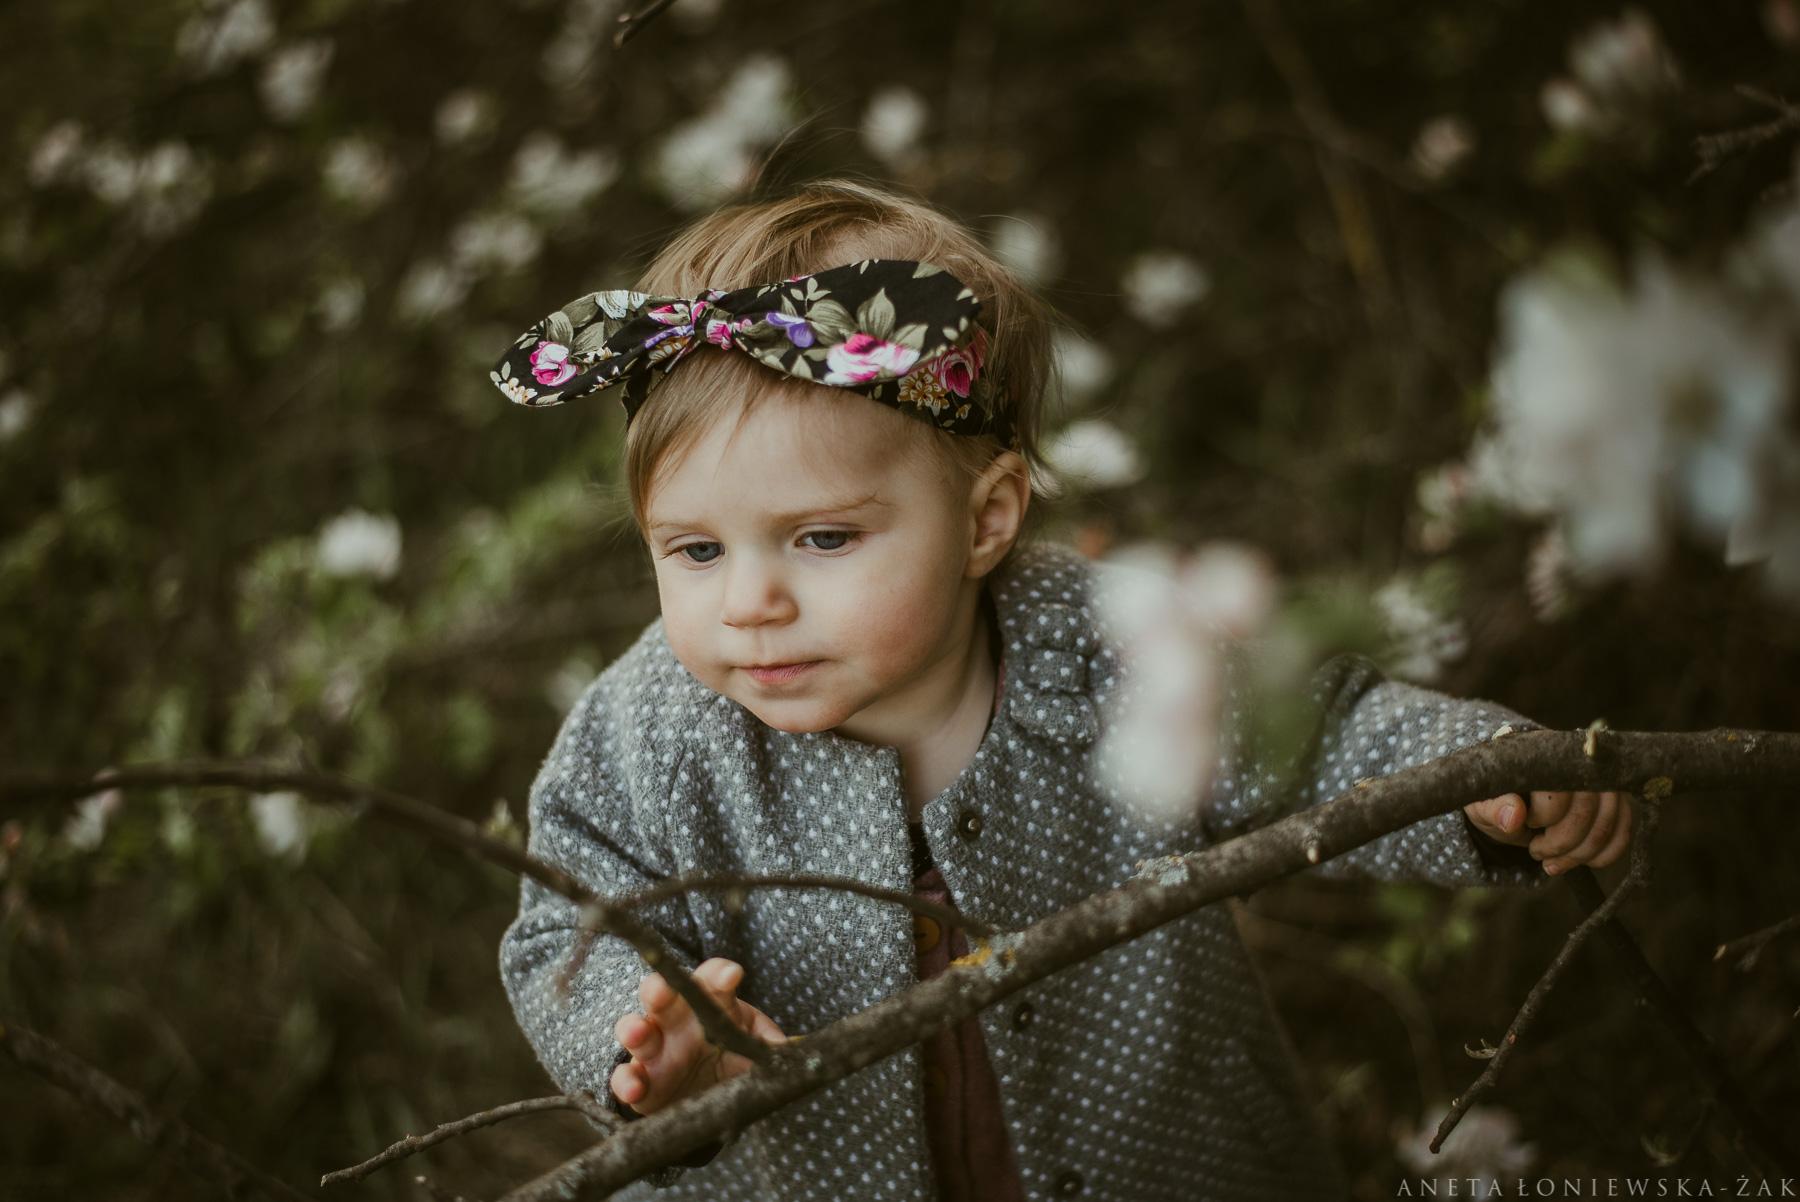 naturalna fotografia dziecięca białystok, naturalna fotografia dziecięca podlasie, sesja rodzinna białystok, naturalne sesje, sesja dziecięca w plenerze podlasie